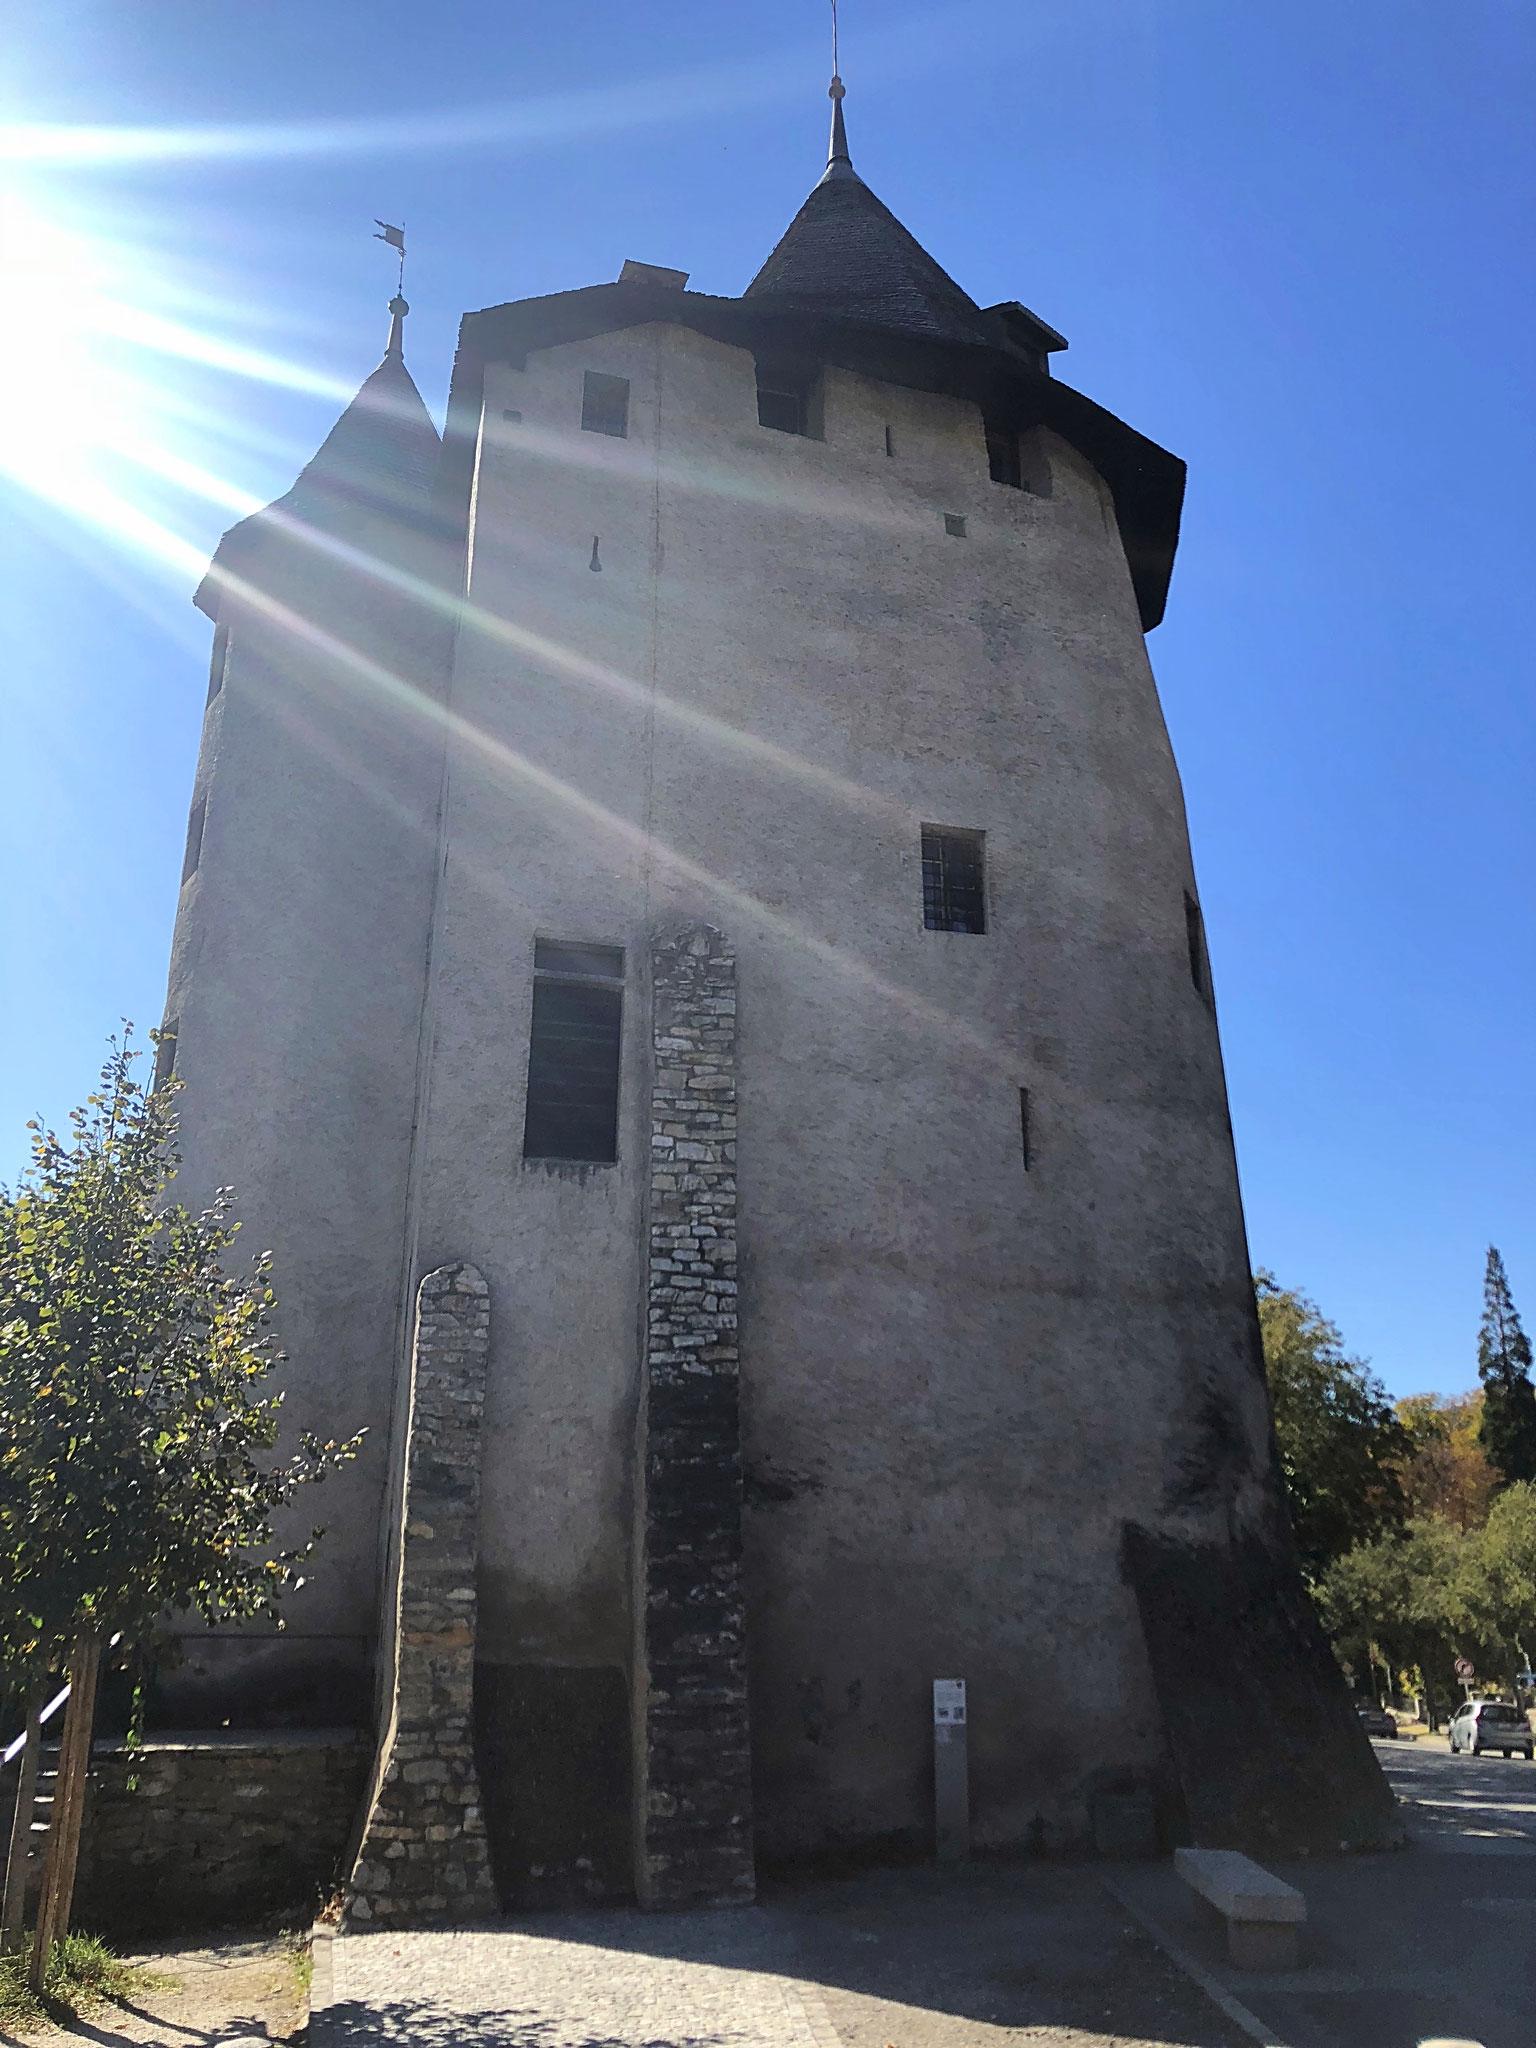 Tour des Sorciers (Hexenturm)